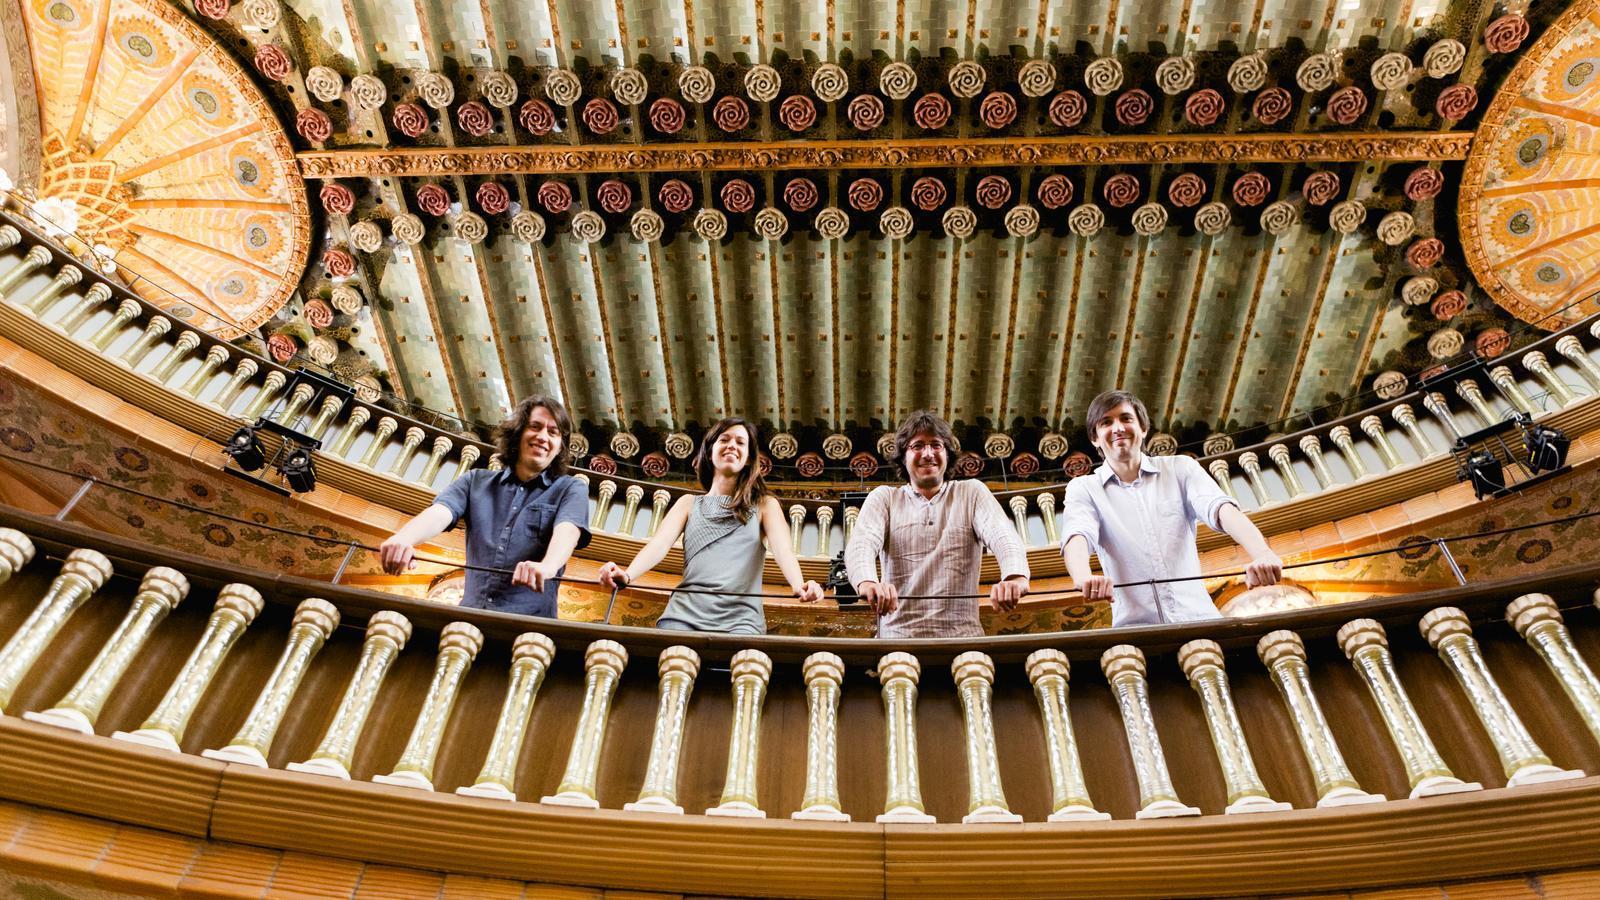 Els components del Quartet Gerhard al Palau de la Música: Lluís Castán, Judit Bardolet, Miquel Jordà i Jesús Miralles.